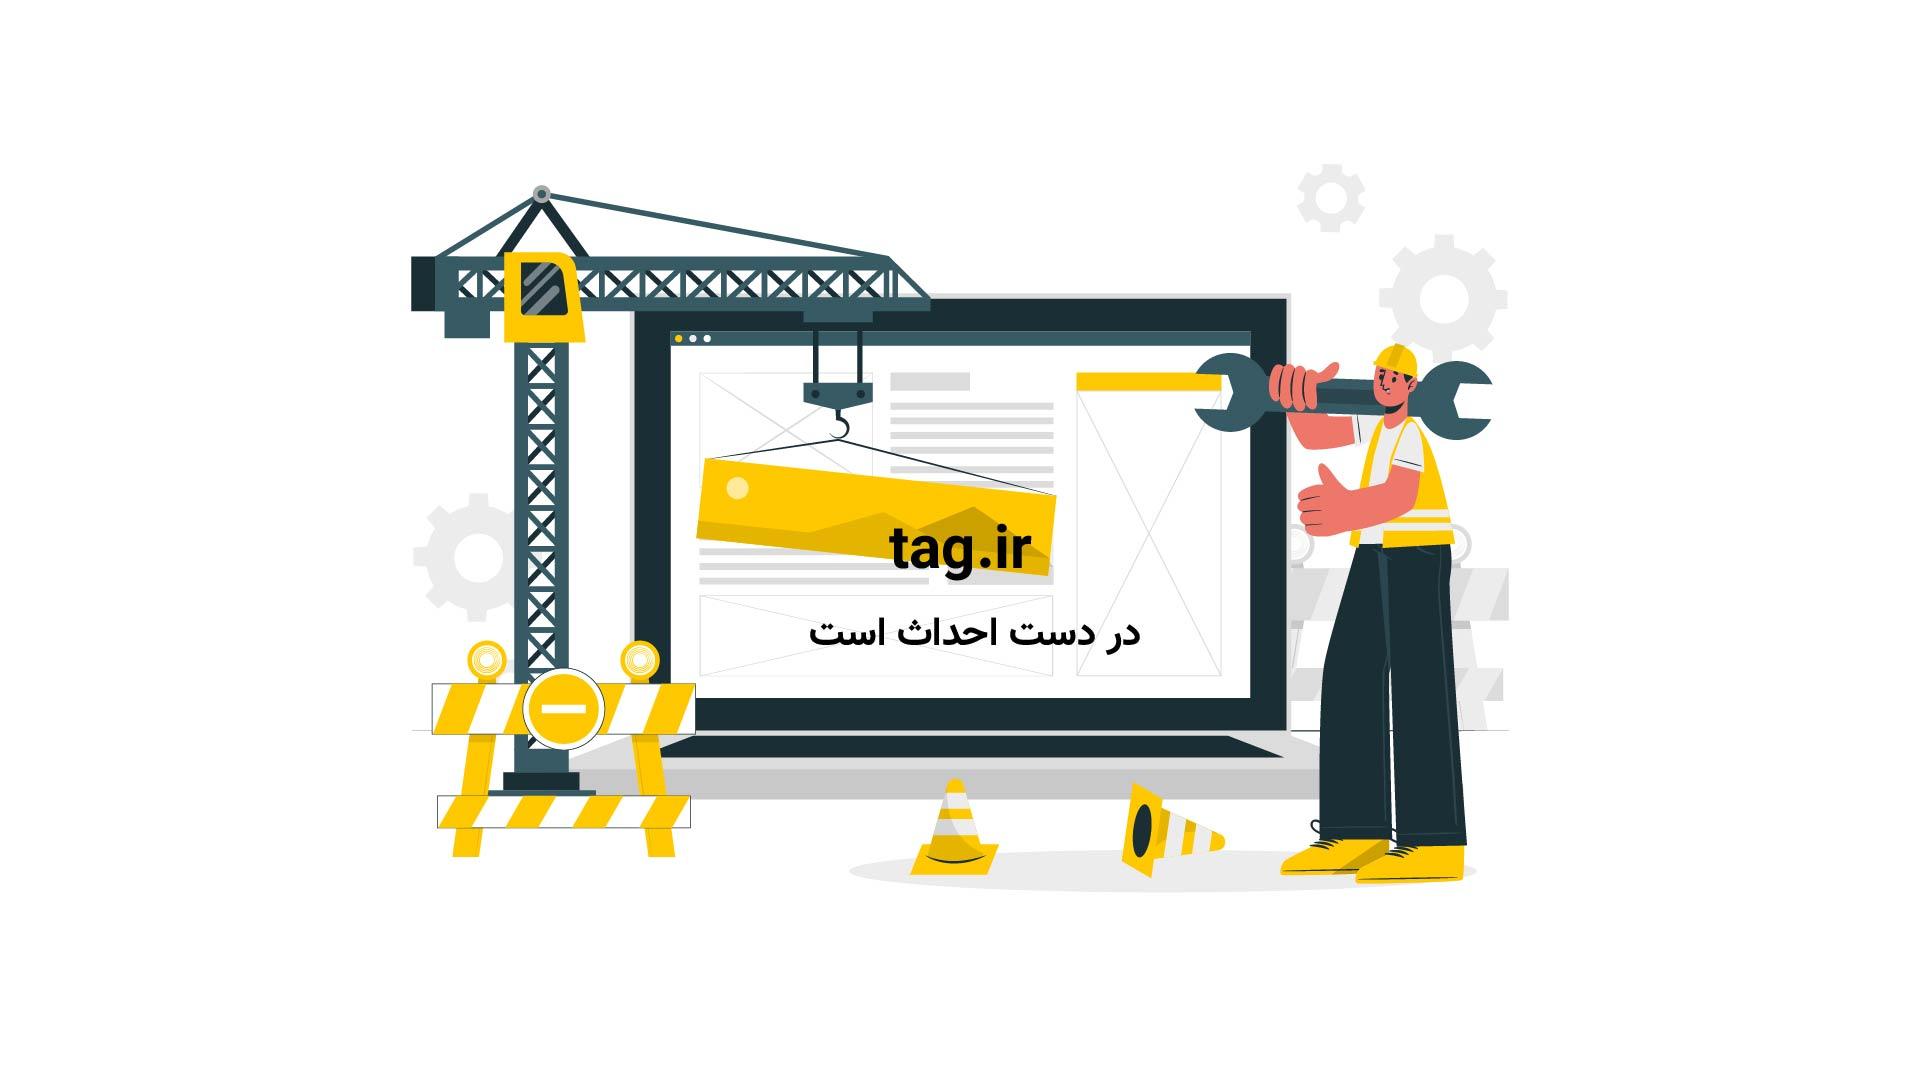 چیز کیک توت فرنگی و بلوبری | تگ